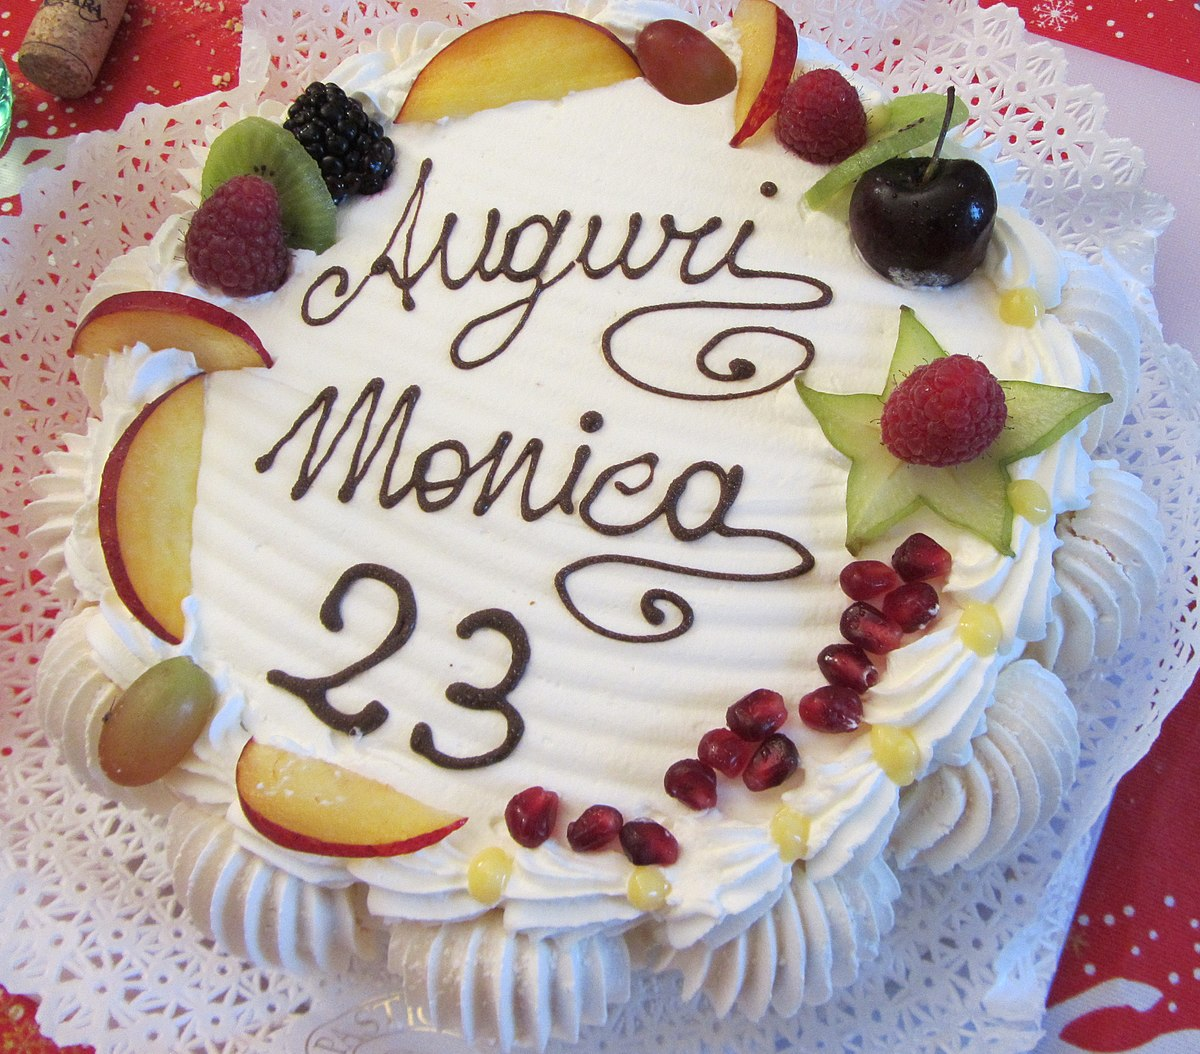 Torta di compleanno wikipedia for Torte di compleanno particolari per uomo